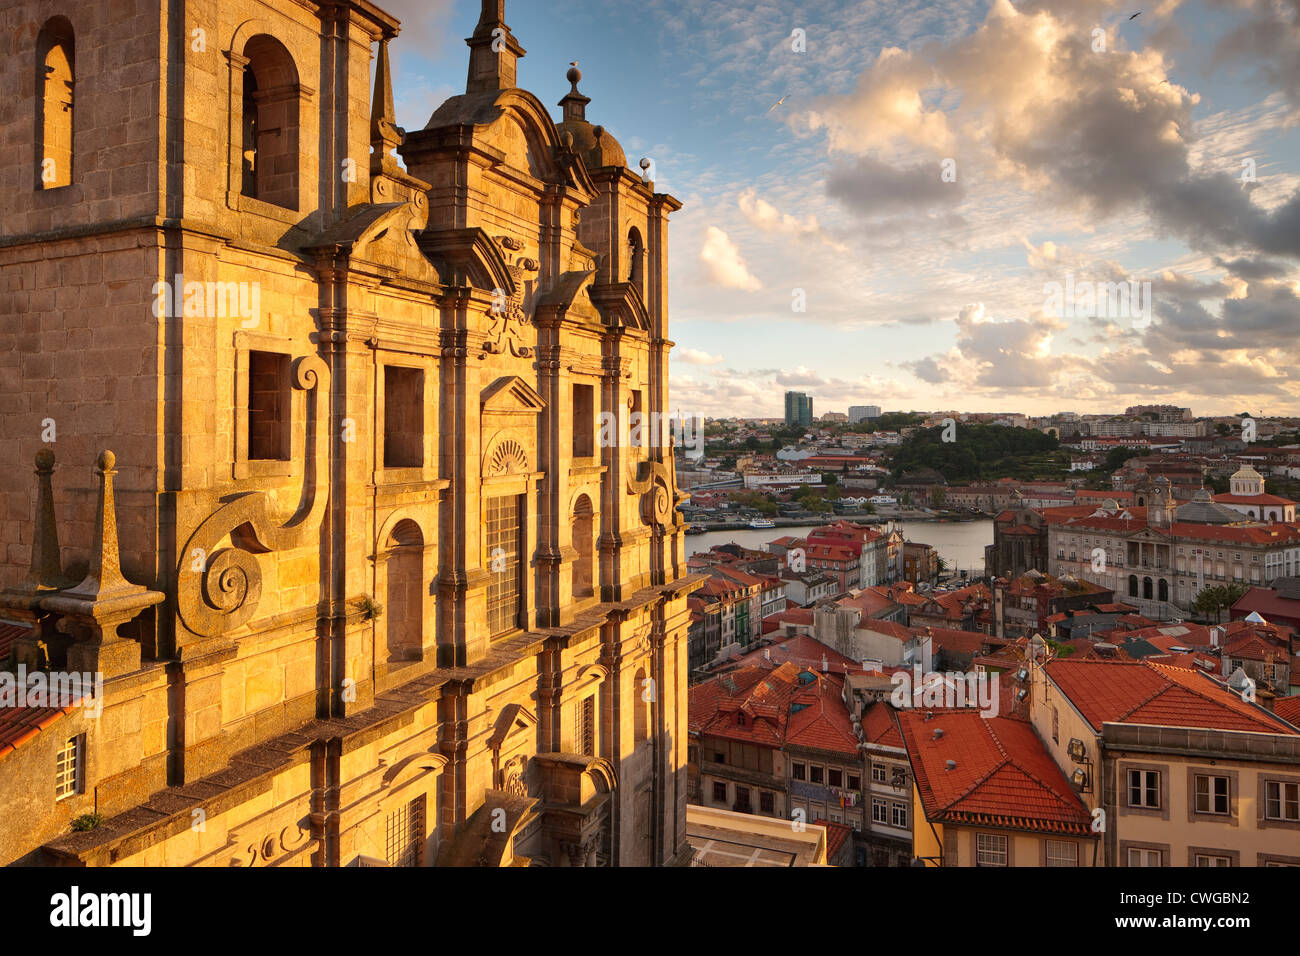 Luce della Sera Igreja dos Grilos Ribeira Porto Portogallo Immagini Stock